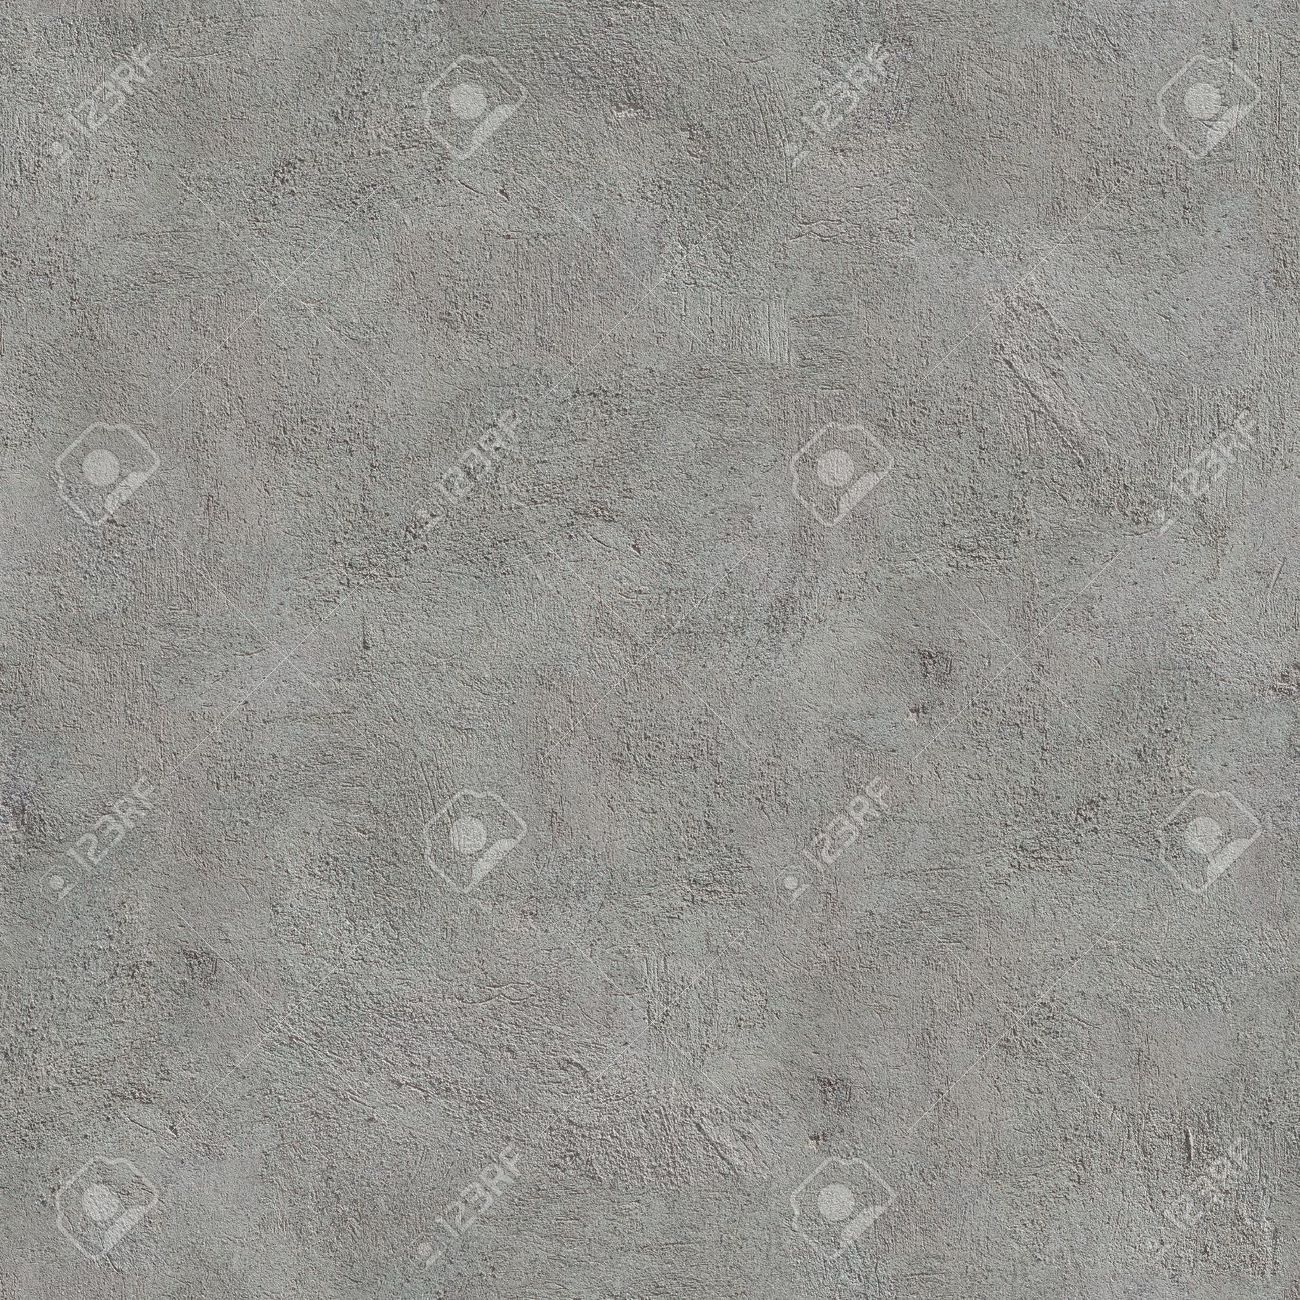 Grau Cement Wand Seamless Tileable Texture Lizenzfreie Fotos ...